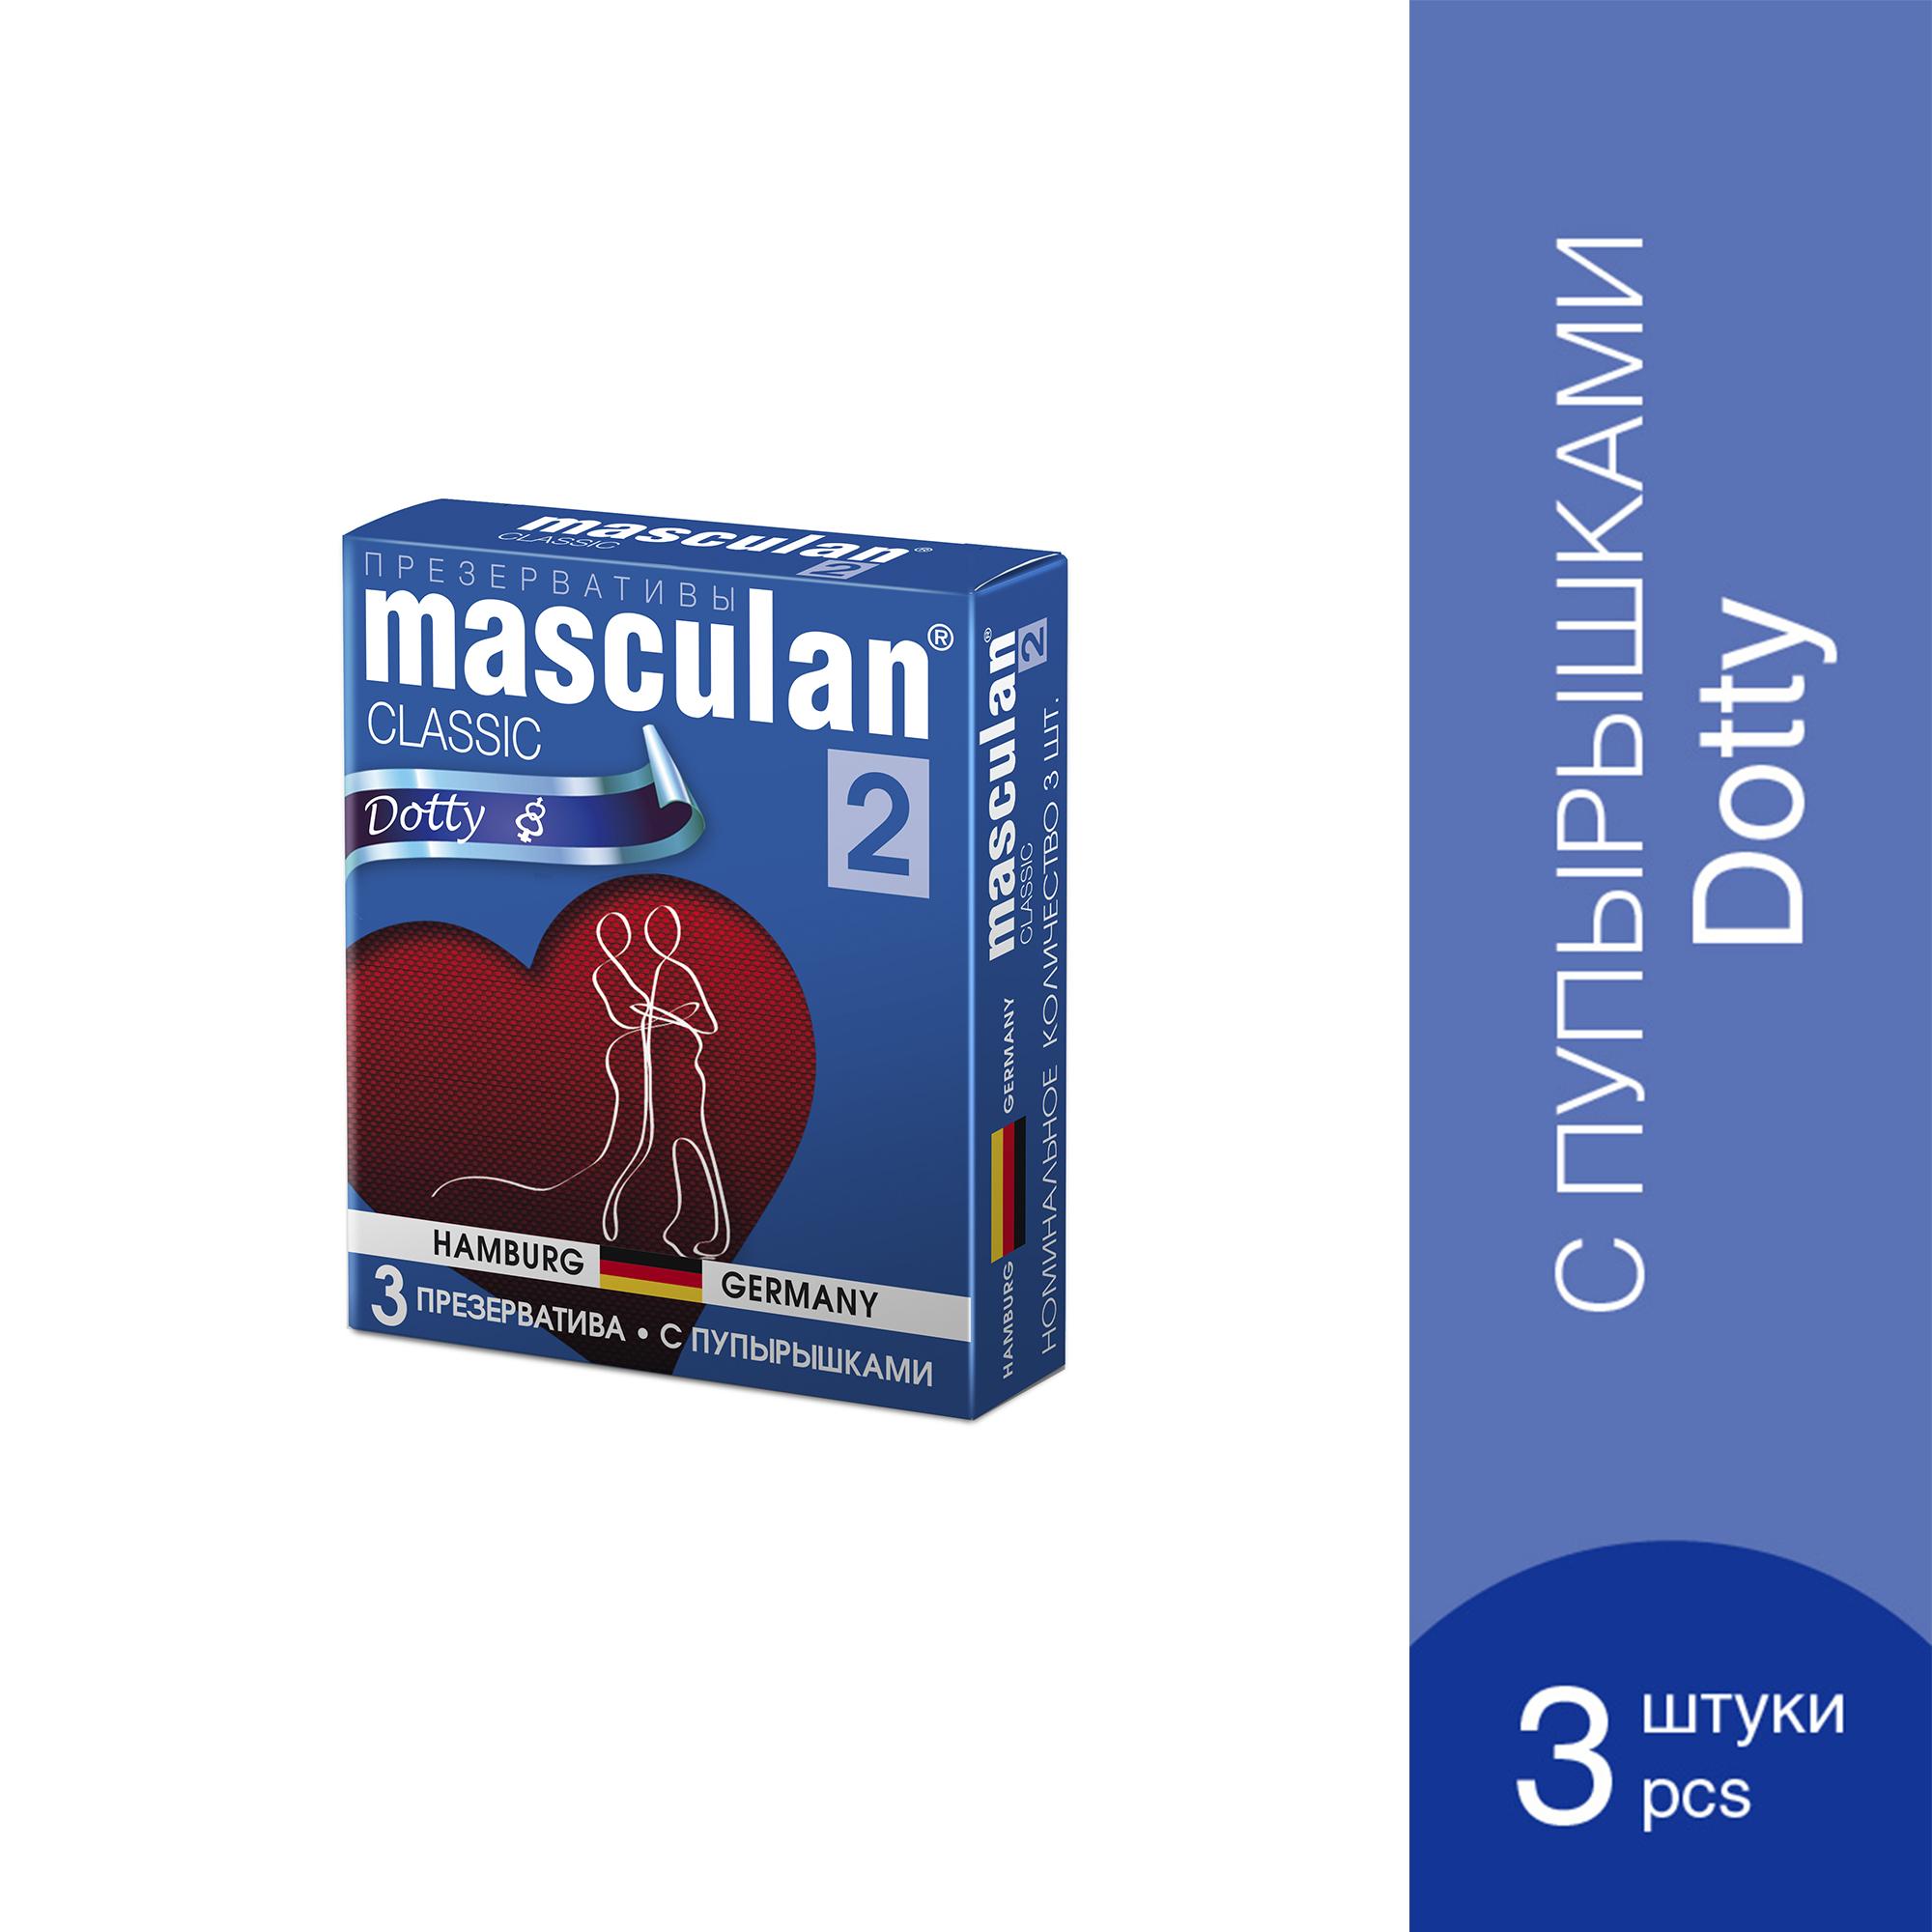 презервативы-маскулан-классик-тип2-пупырышками-3шт